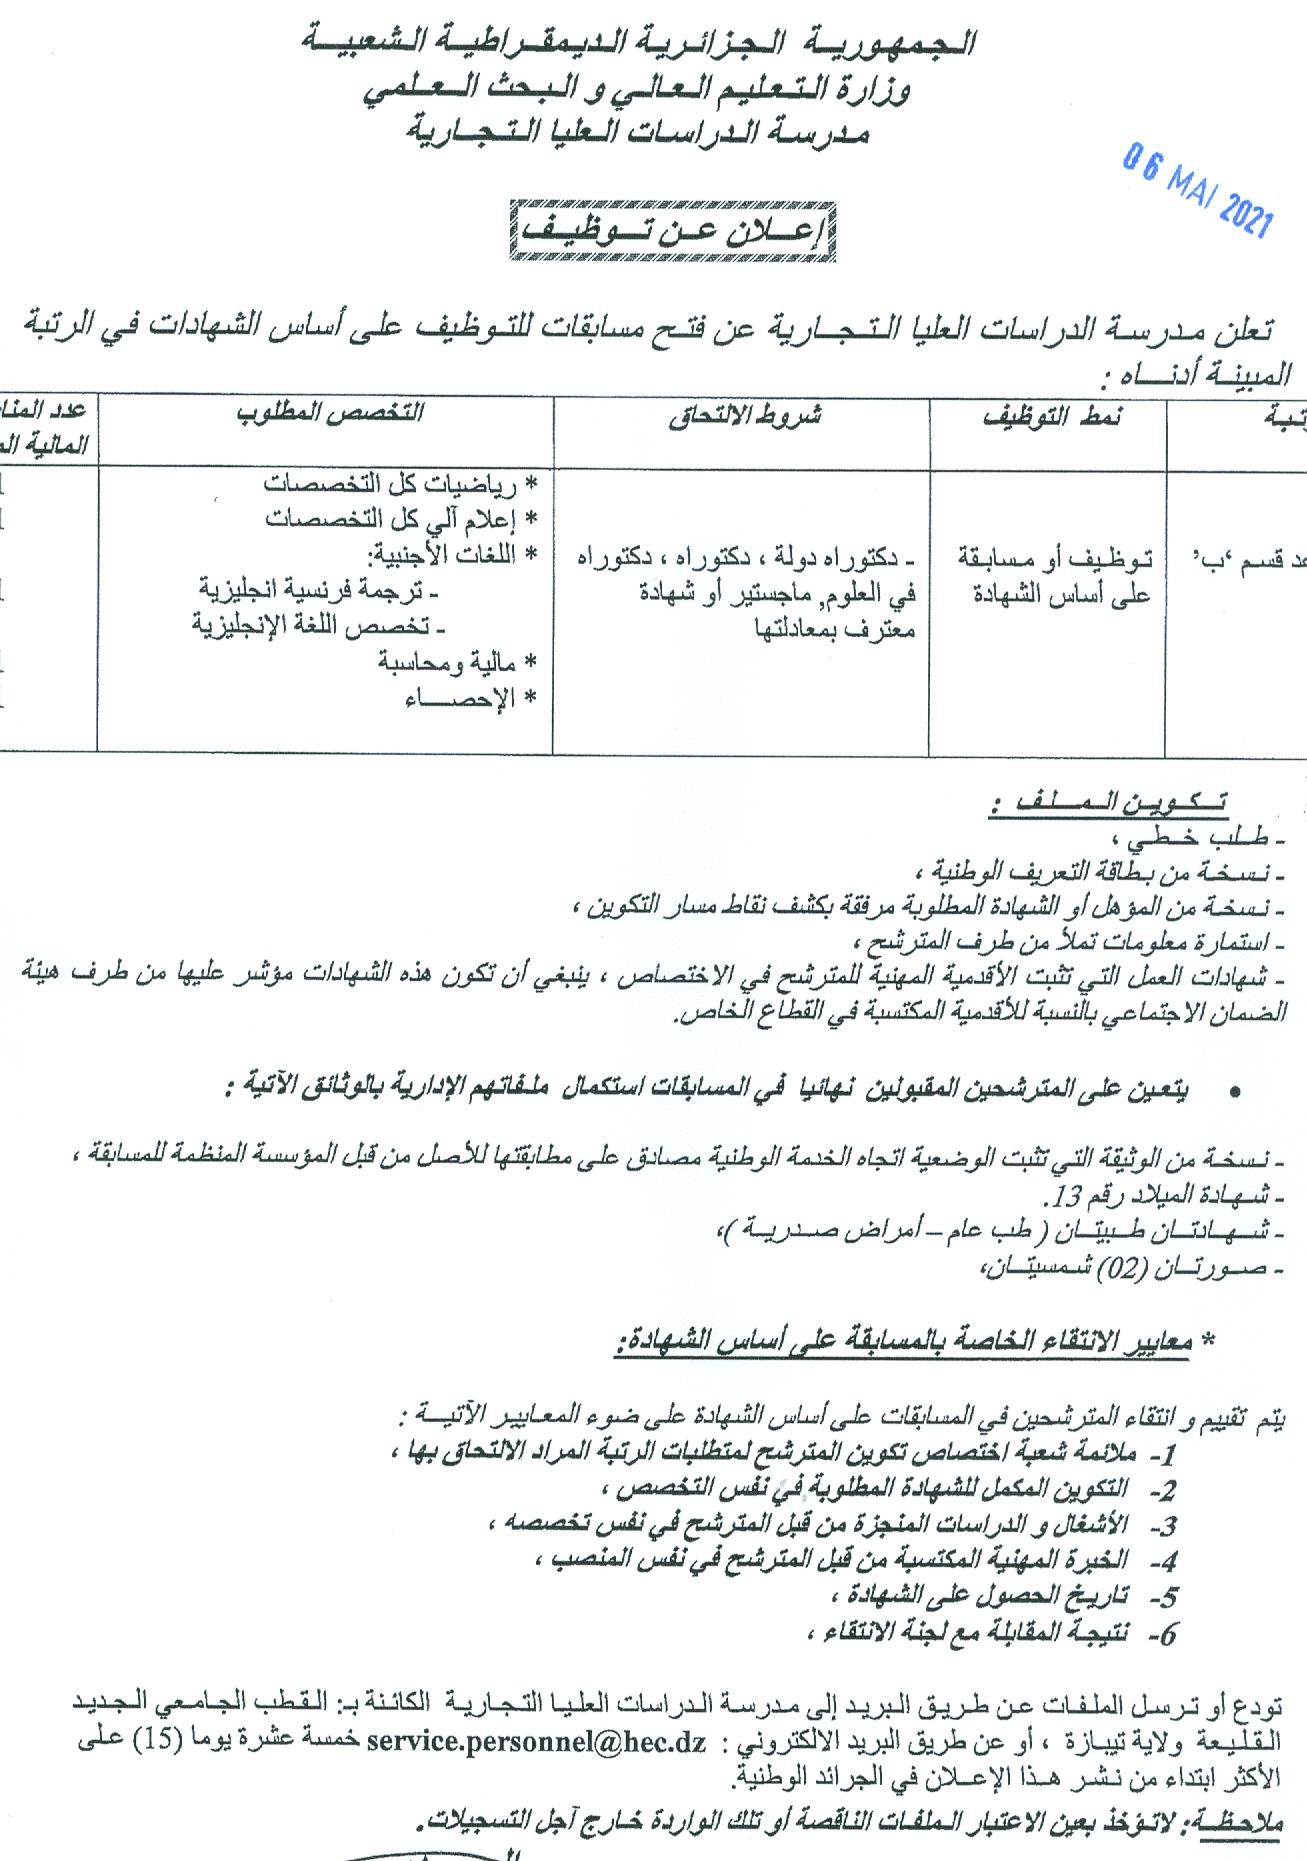 Recruitment notice